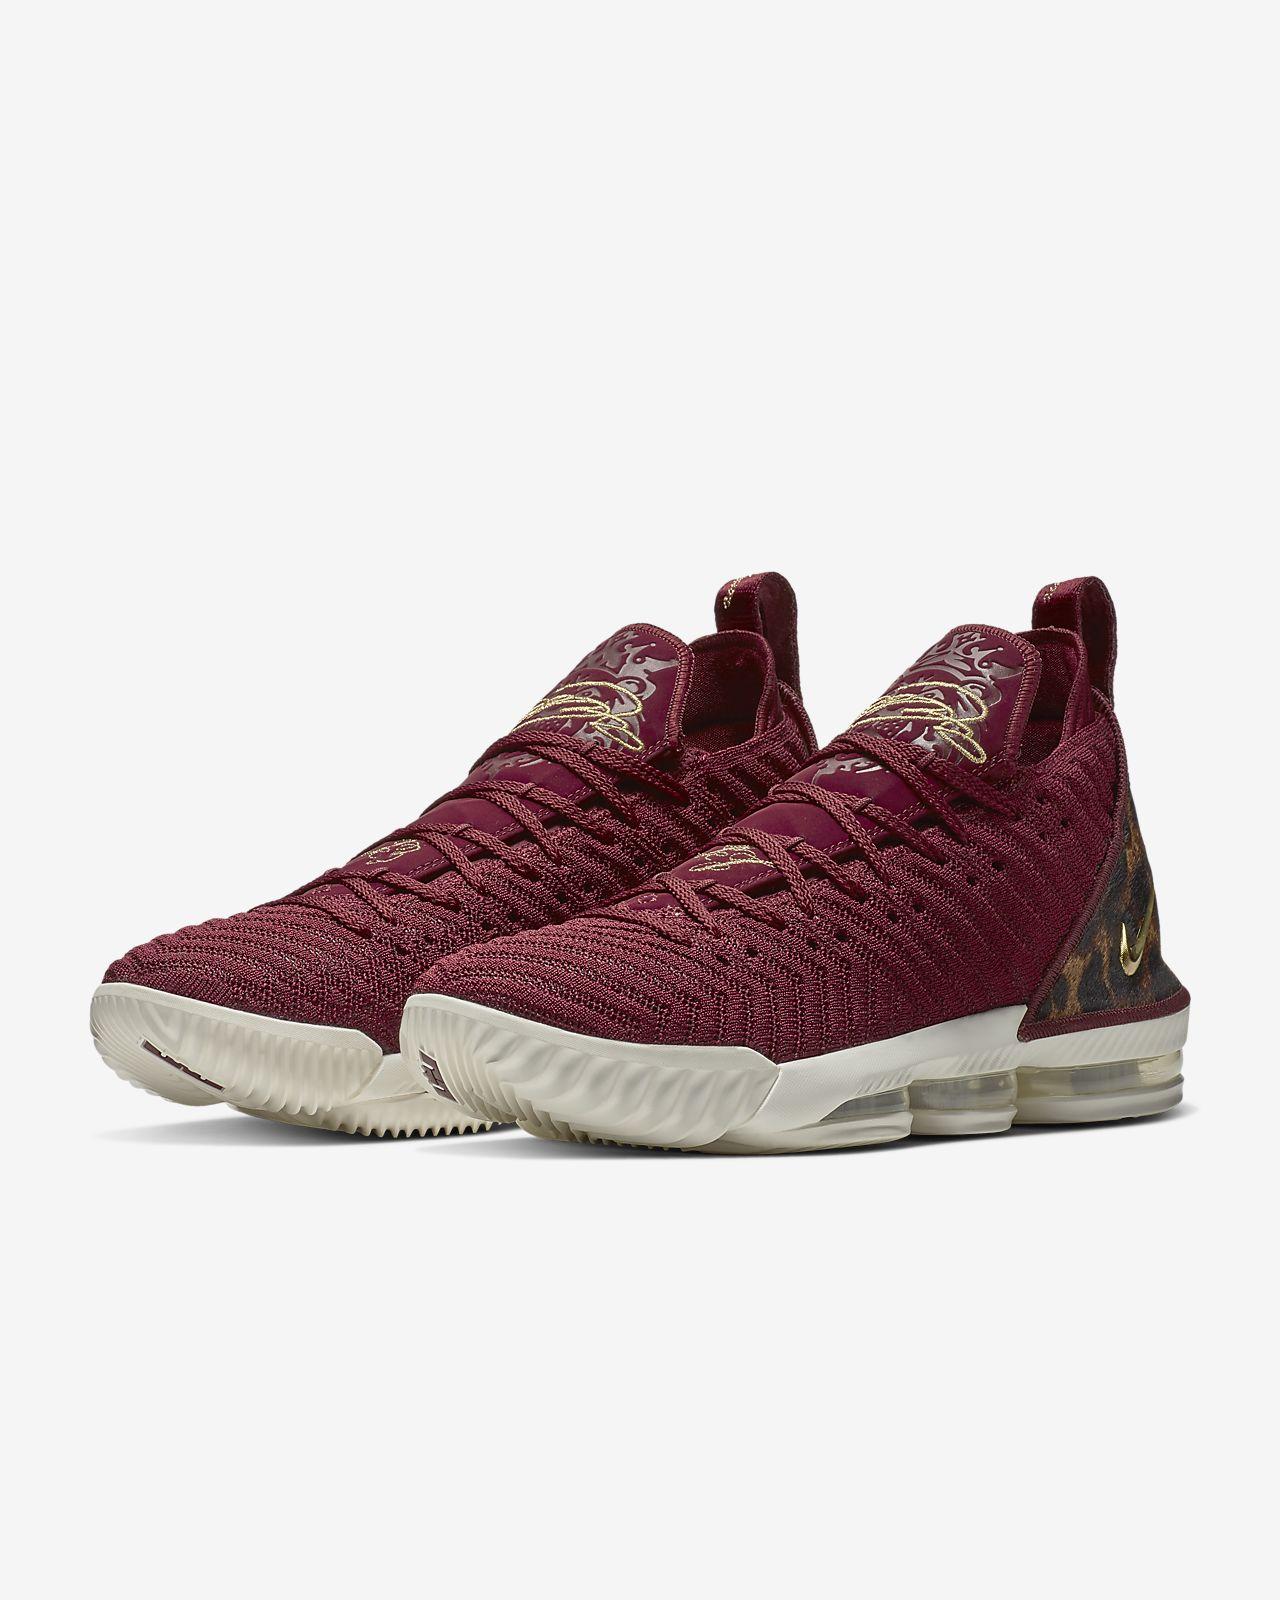 2d31ae271042 Баскетбольные кроссовки LeBron 16